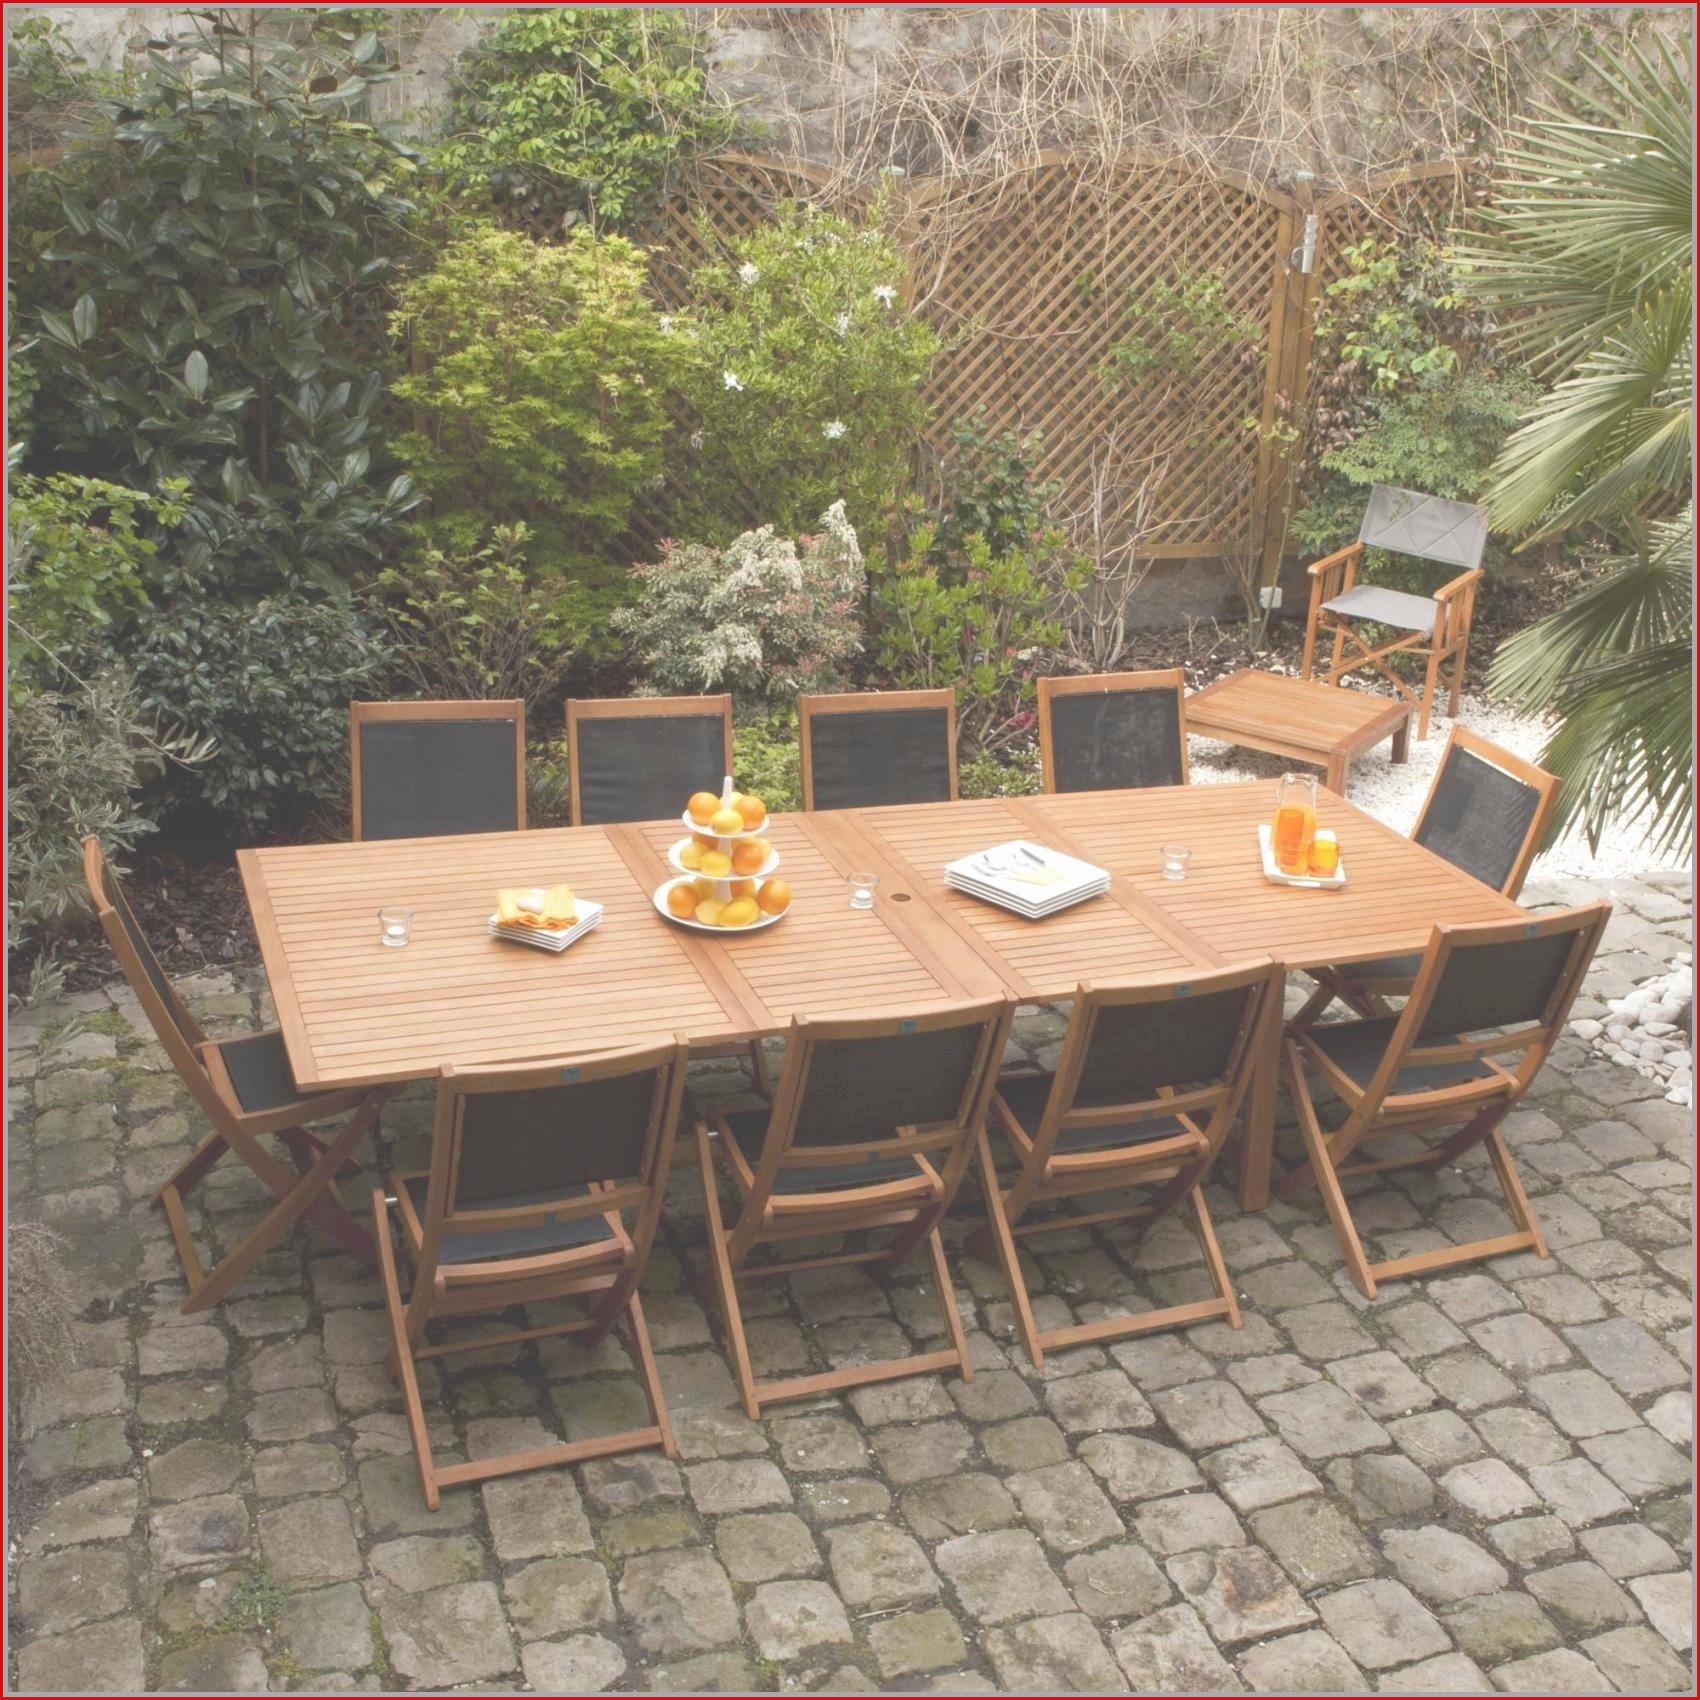 40 Élégant Hesperide Table De Jardin | Salon Jardin à Hesperide Soldes